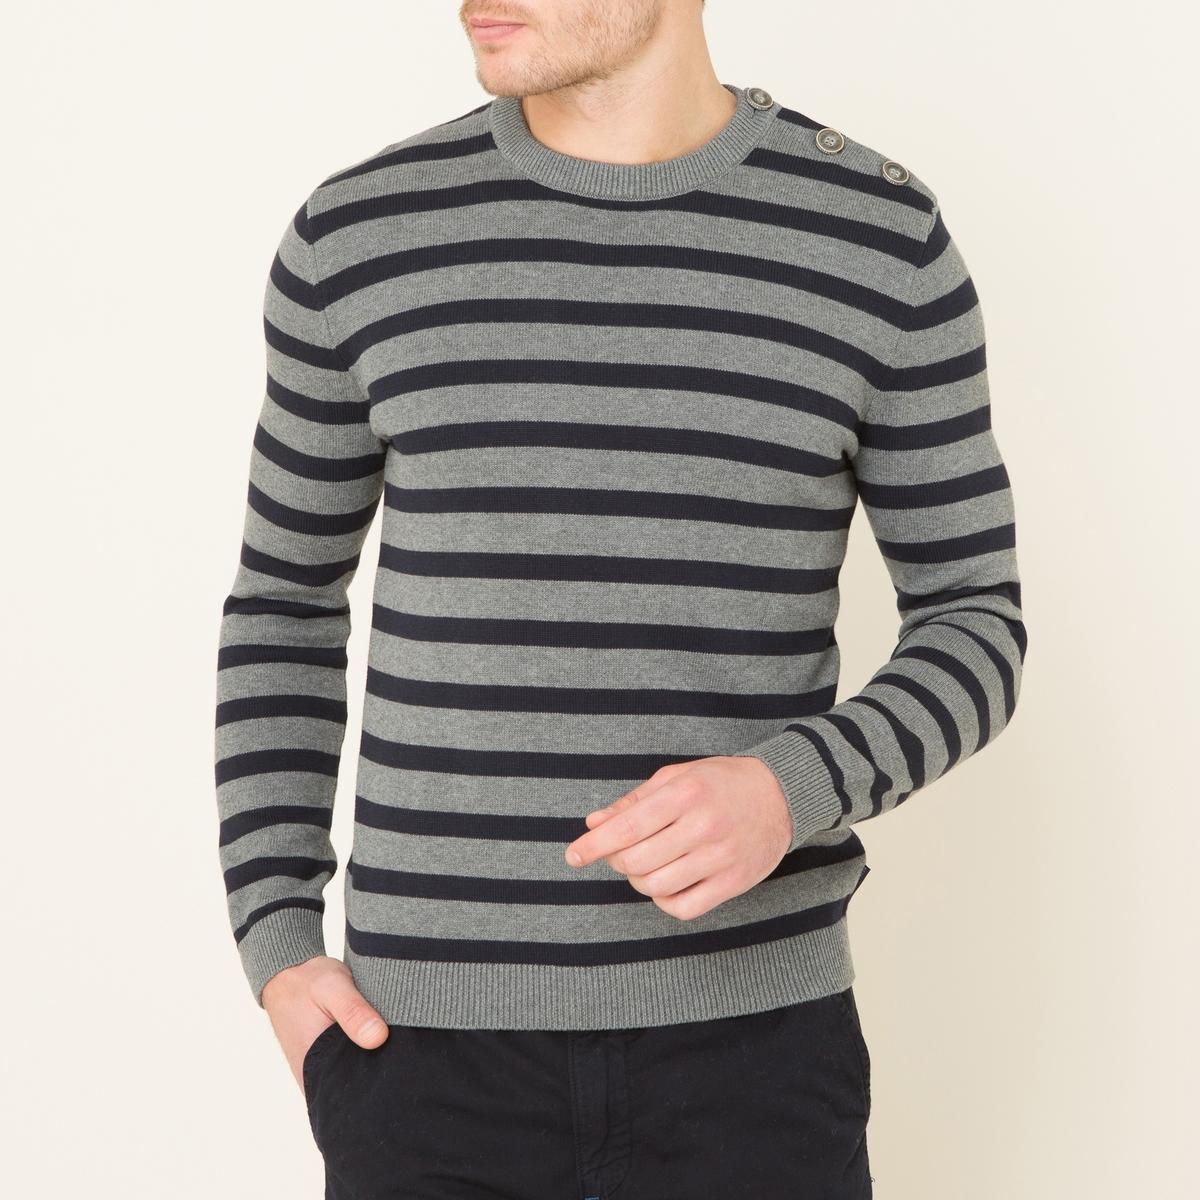 Пуловер DARIOПуловер HARRIS WILSON - модель DARIO в полоску в морском стиле, из хлопкового трикотажа. Круглый вырез с краями в рубчик, пуговицы на плече. Края рукавов и низа связаны в рубчик. Состав и описание    Материал : 100% хлопок в полоску из окрашенных нитей   Марка : HARRIS WILSON<br><br>Цвет: сине-серый